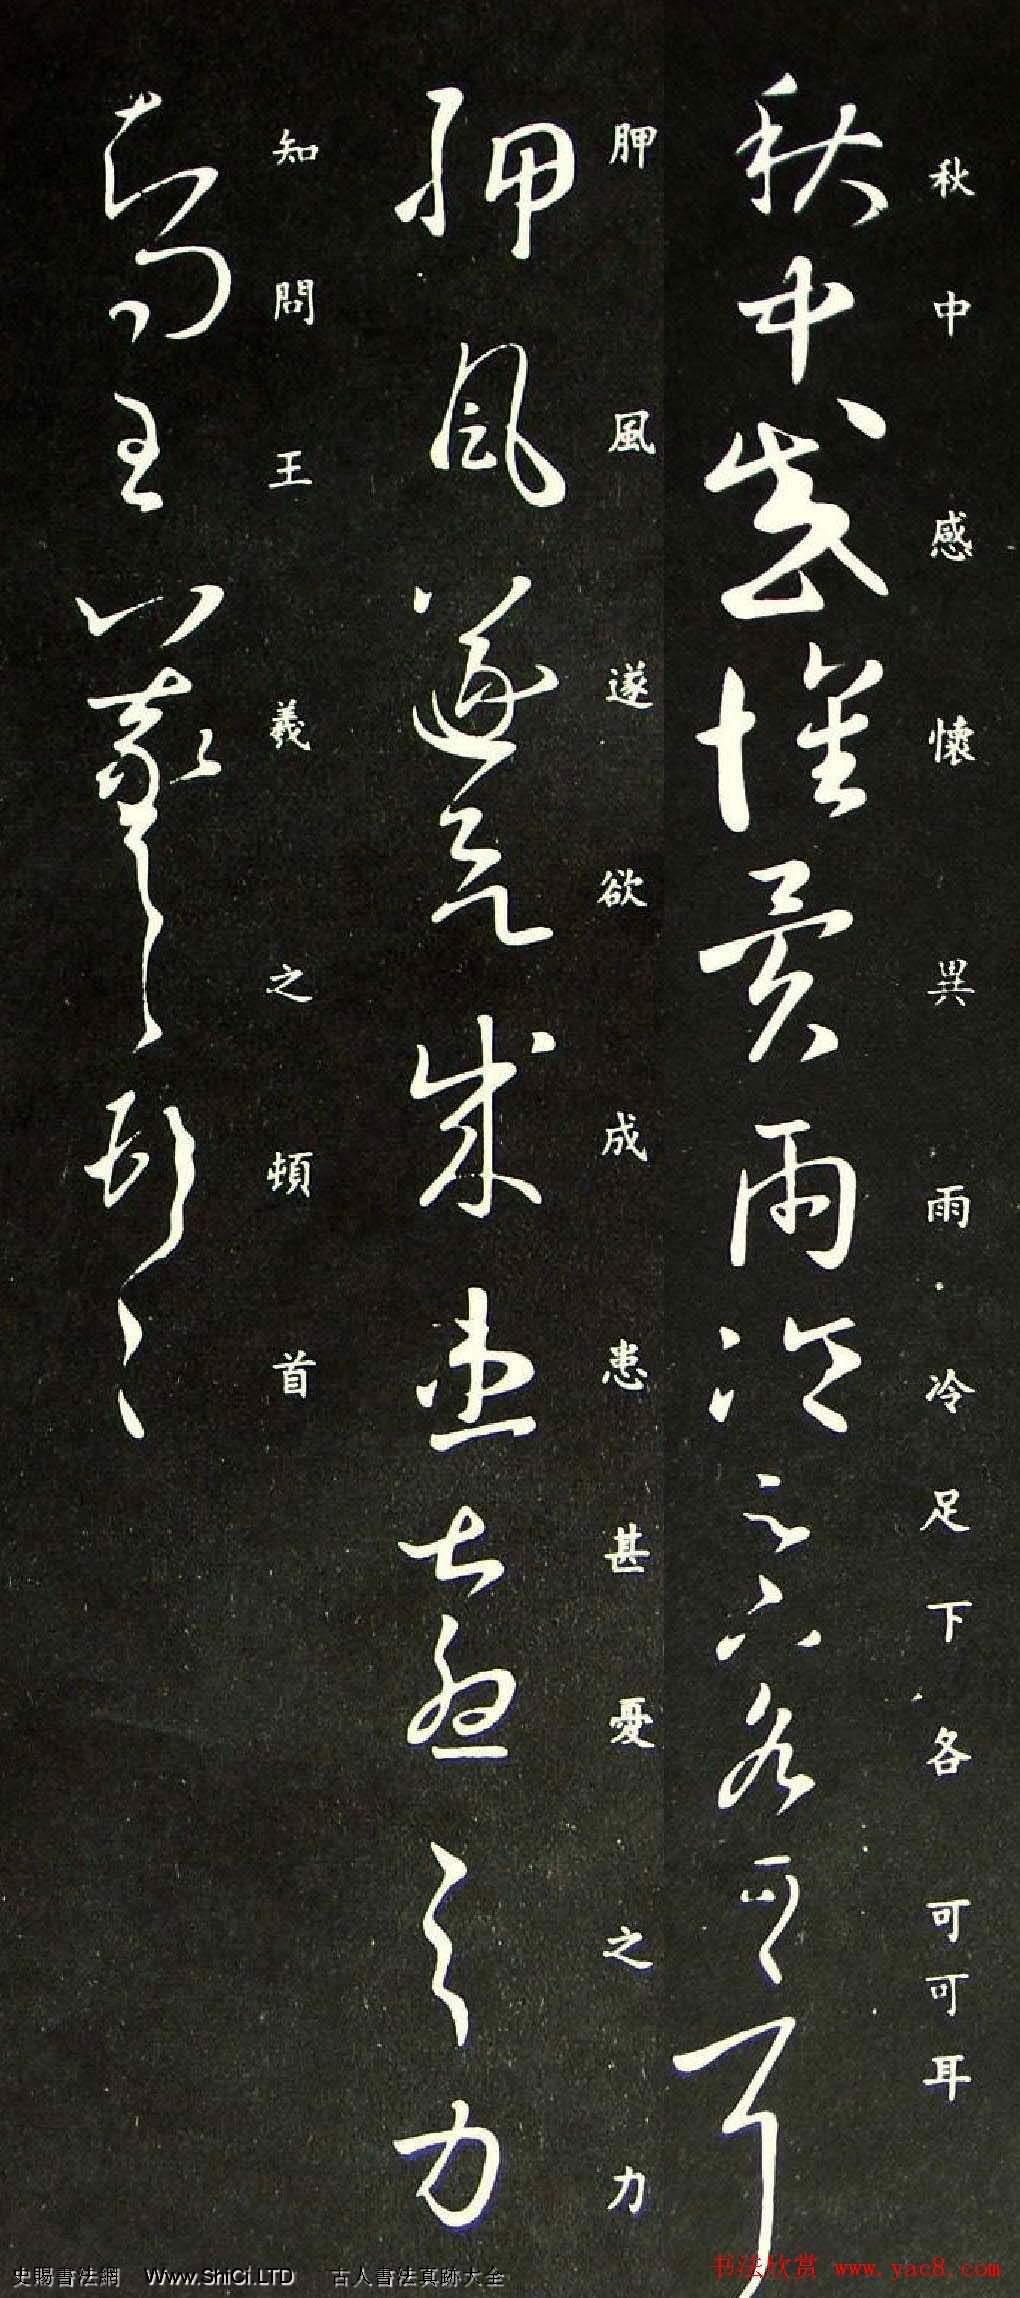 王羲之草書欣賞《秋中帖》尺牘3種